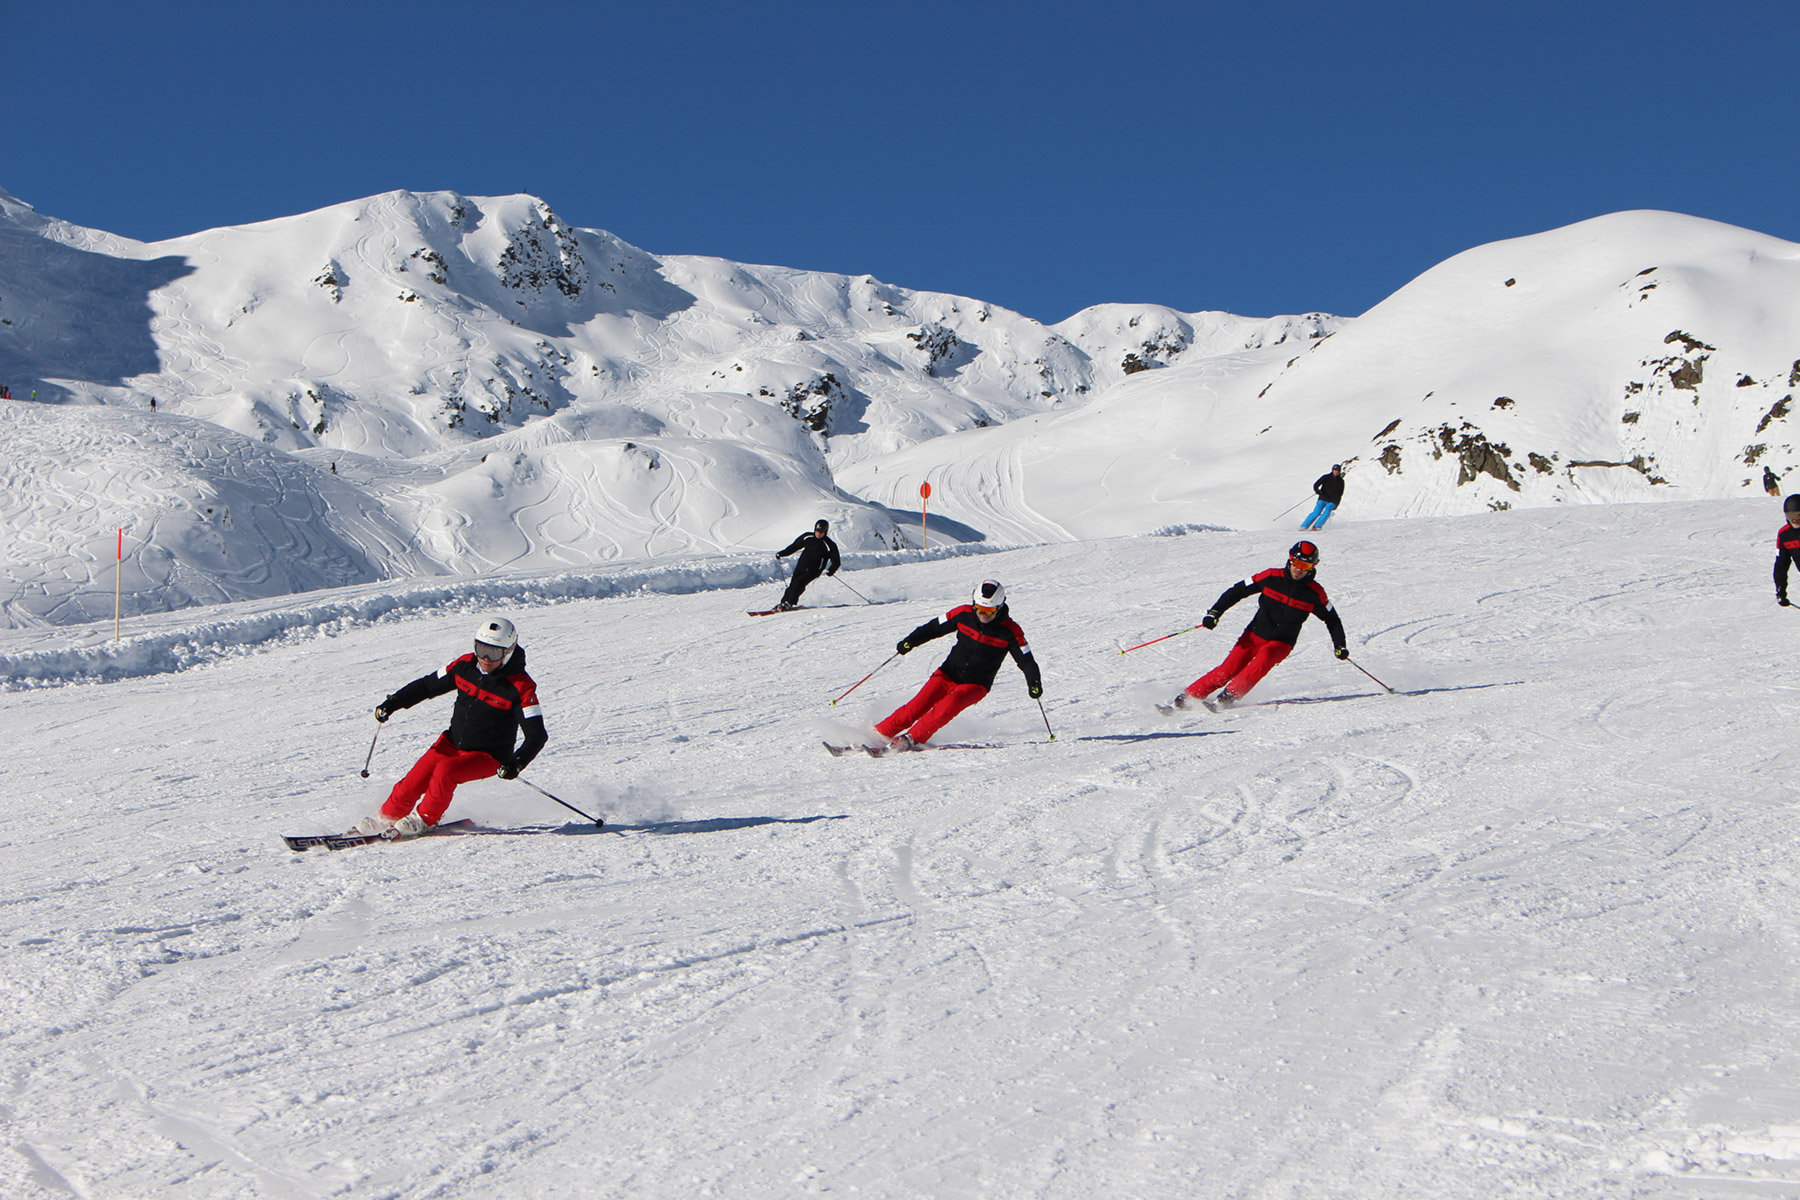 Carving - LUSTi Ski